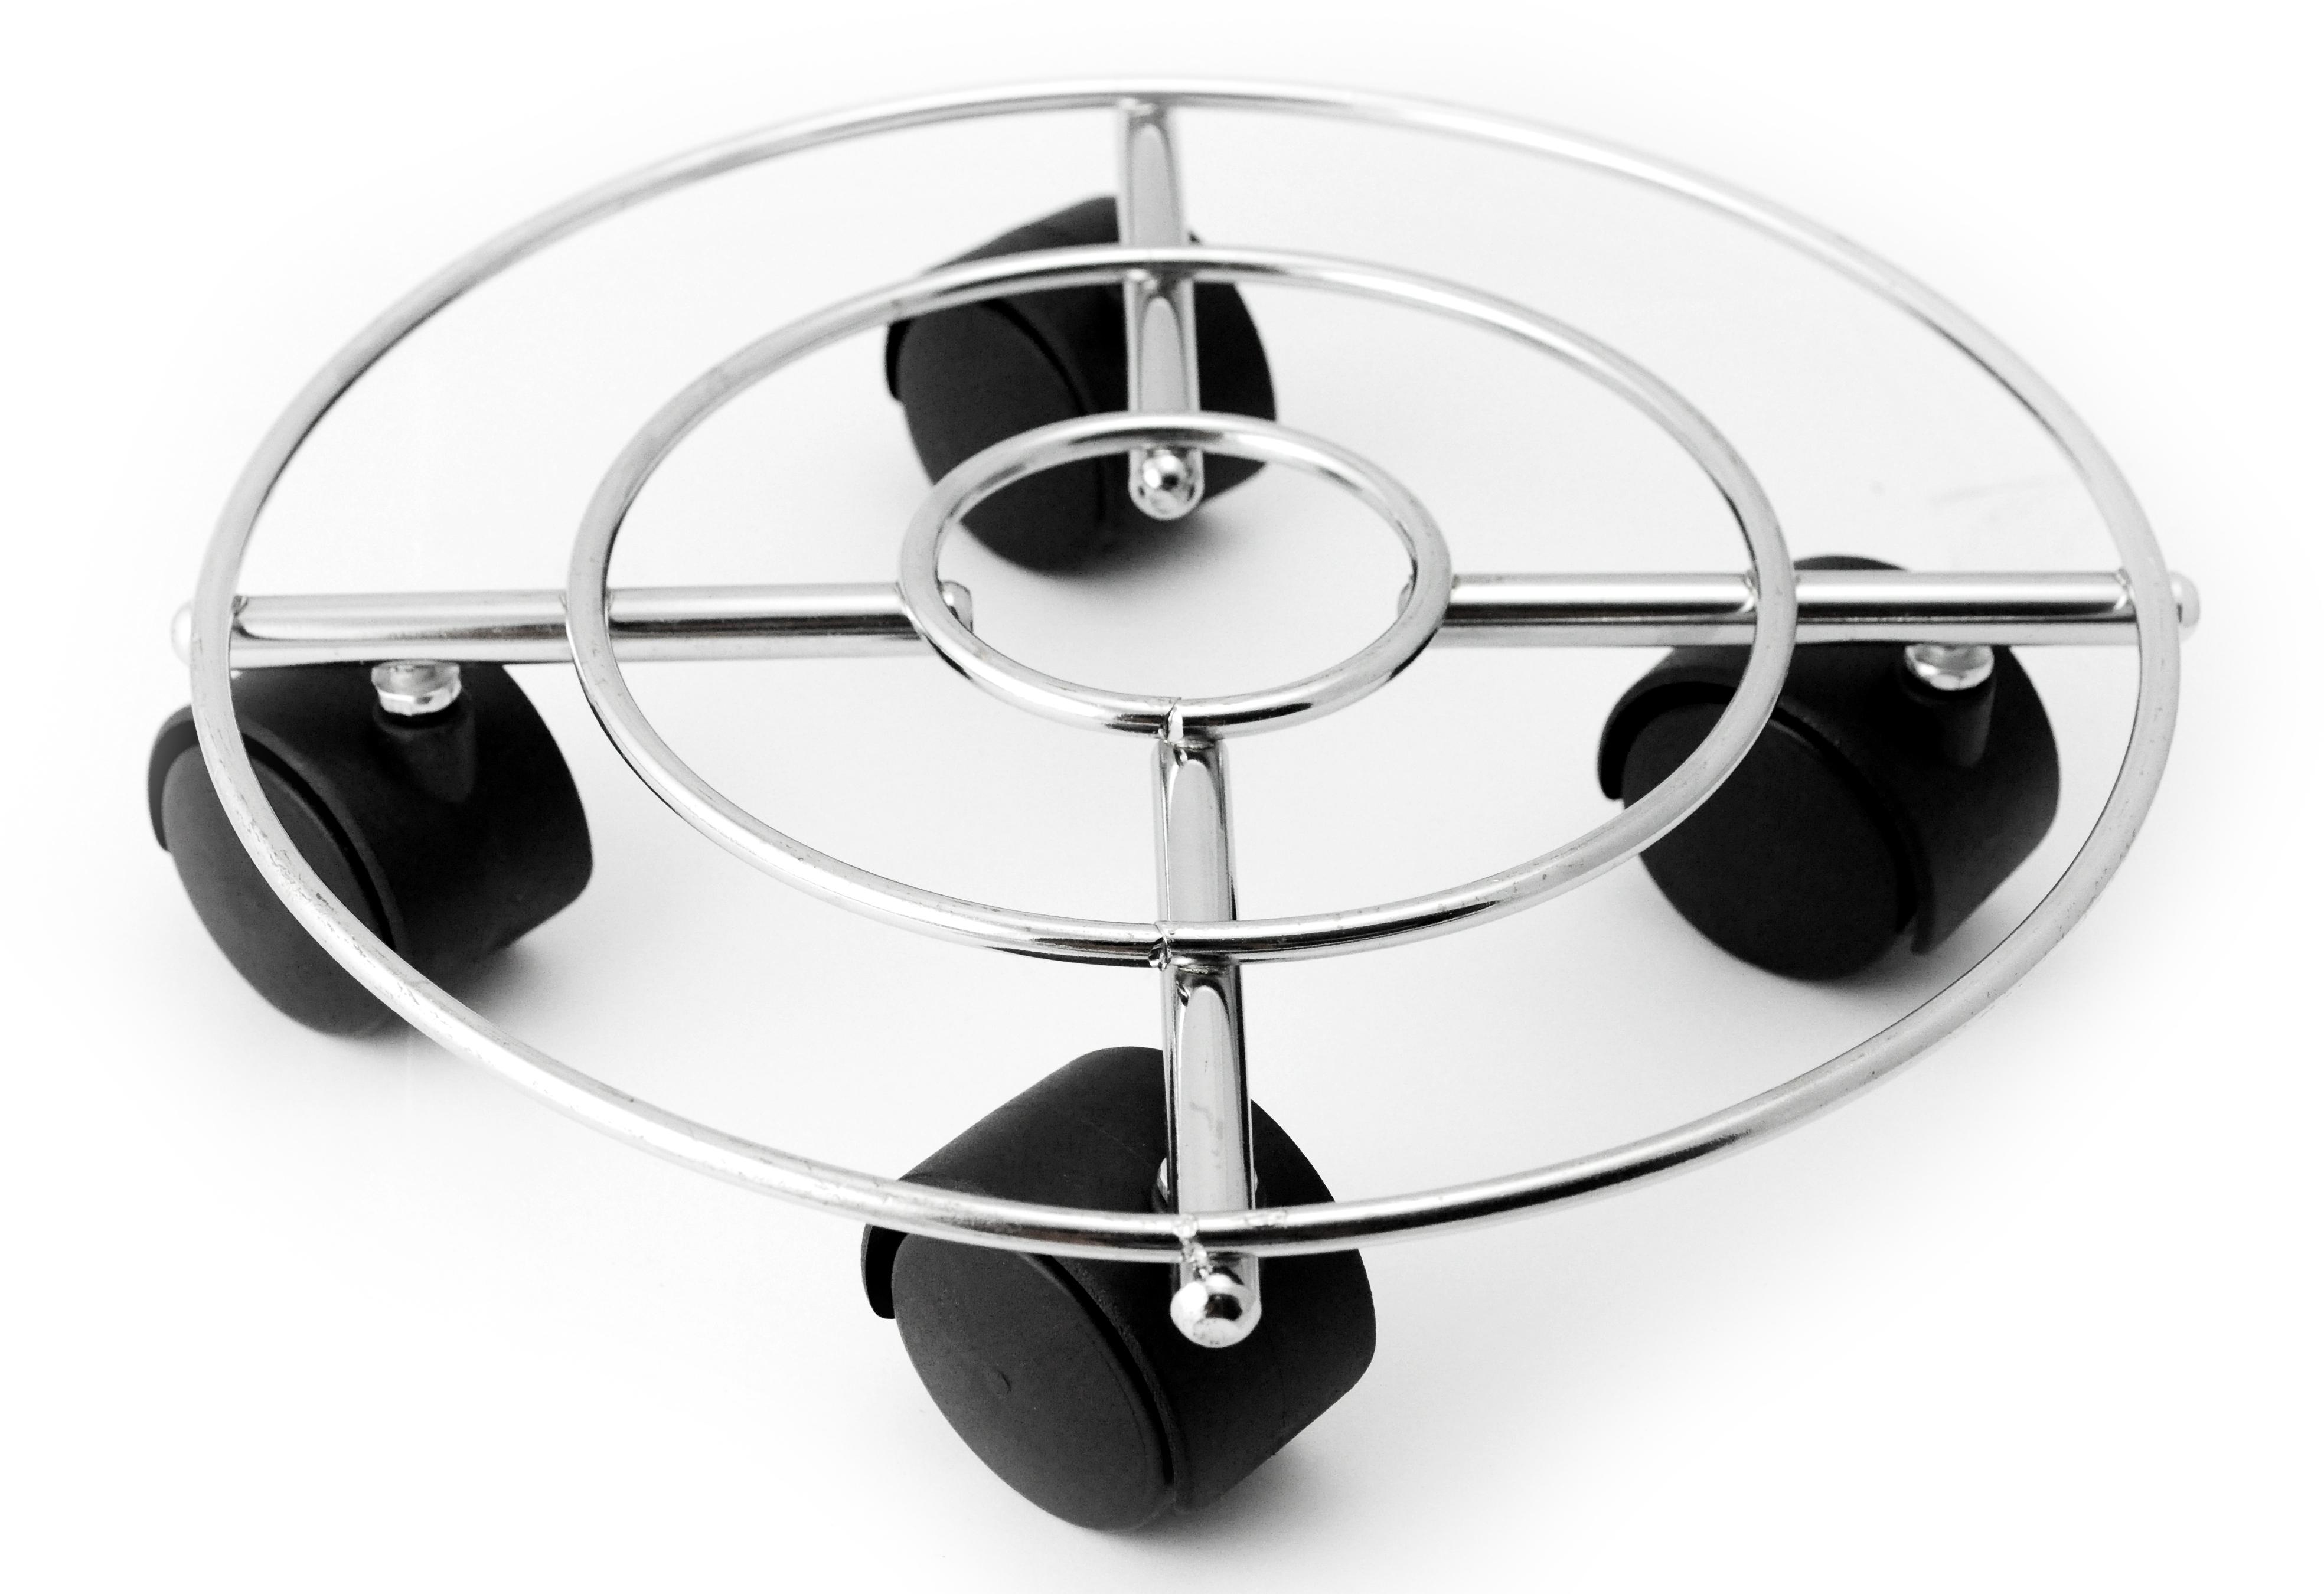 blumenuntersetzer rolluntersetzer pflanzen untergestell rund mit rollen 30 cm. Black Bedroom Furniture Sets. Home Design Ideas